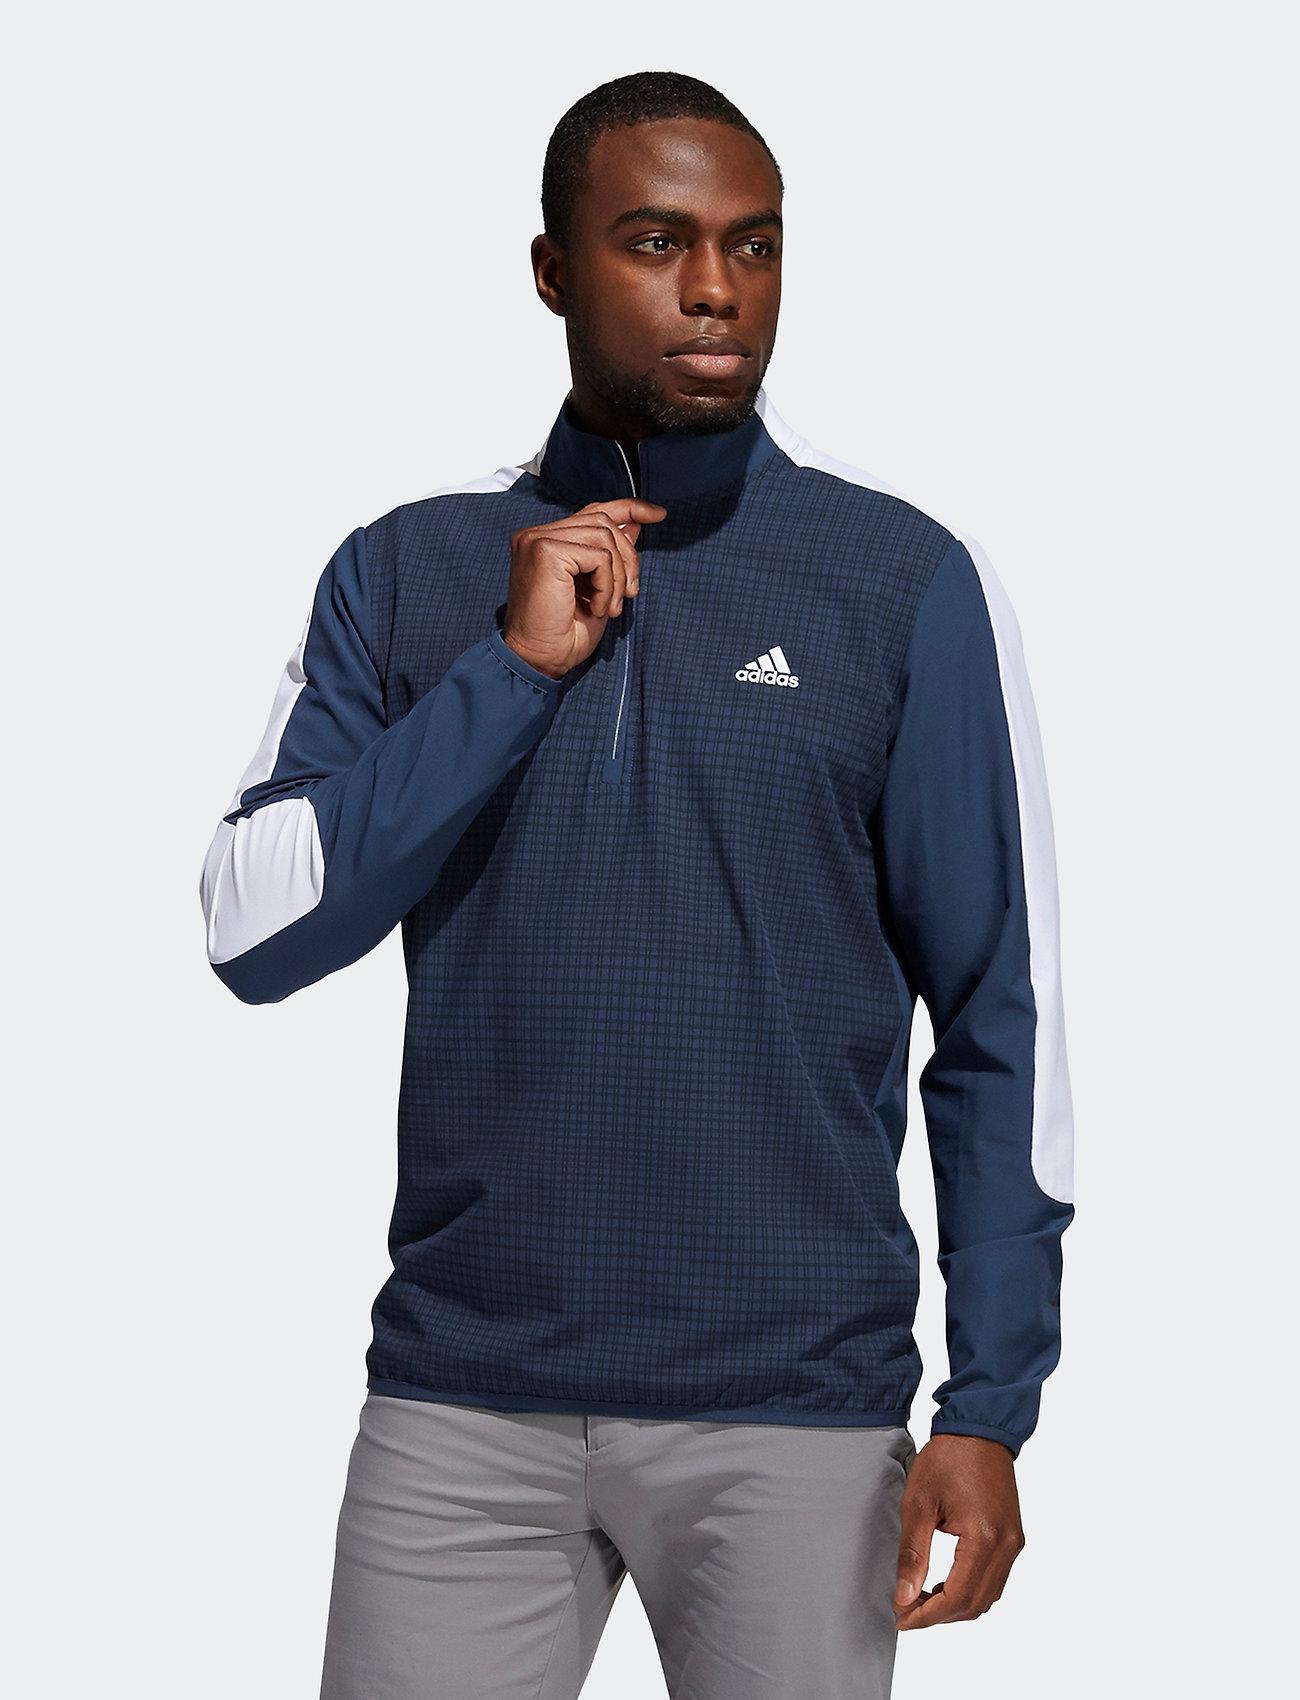 adidas Golf - PRINT 1/4 ZIP - sweats - crenav/black - 0